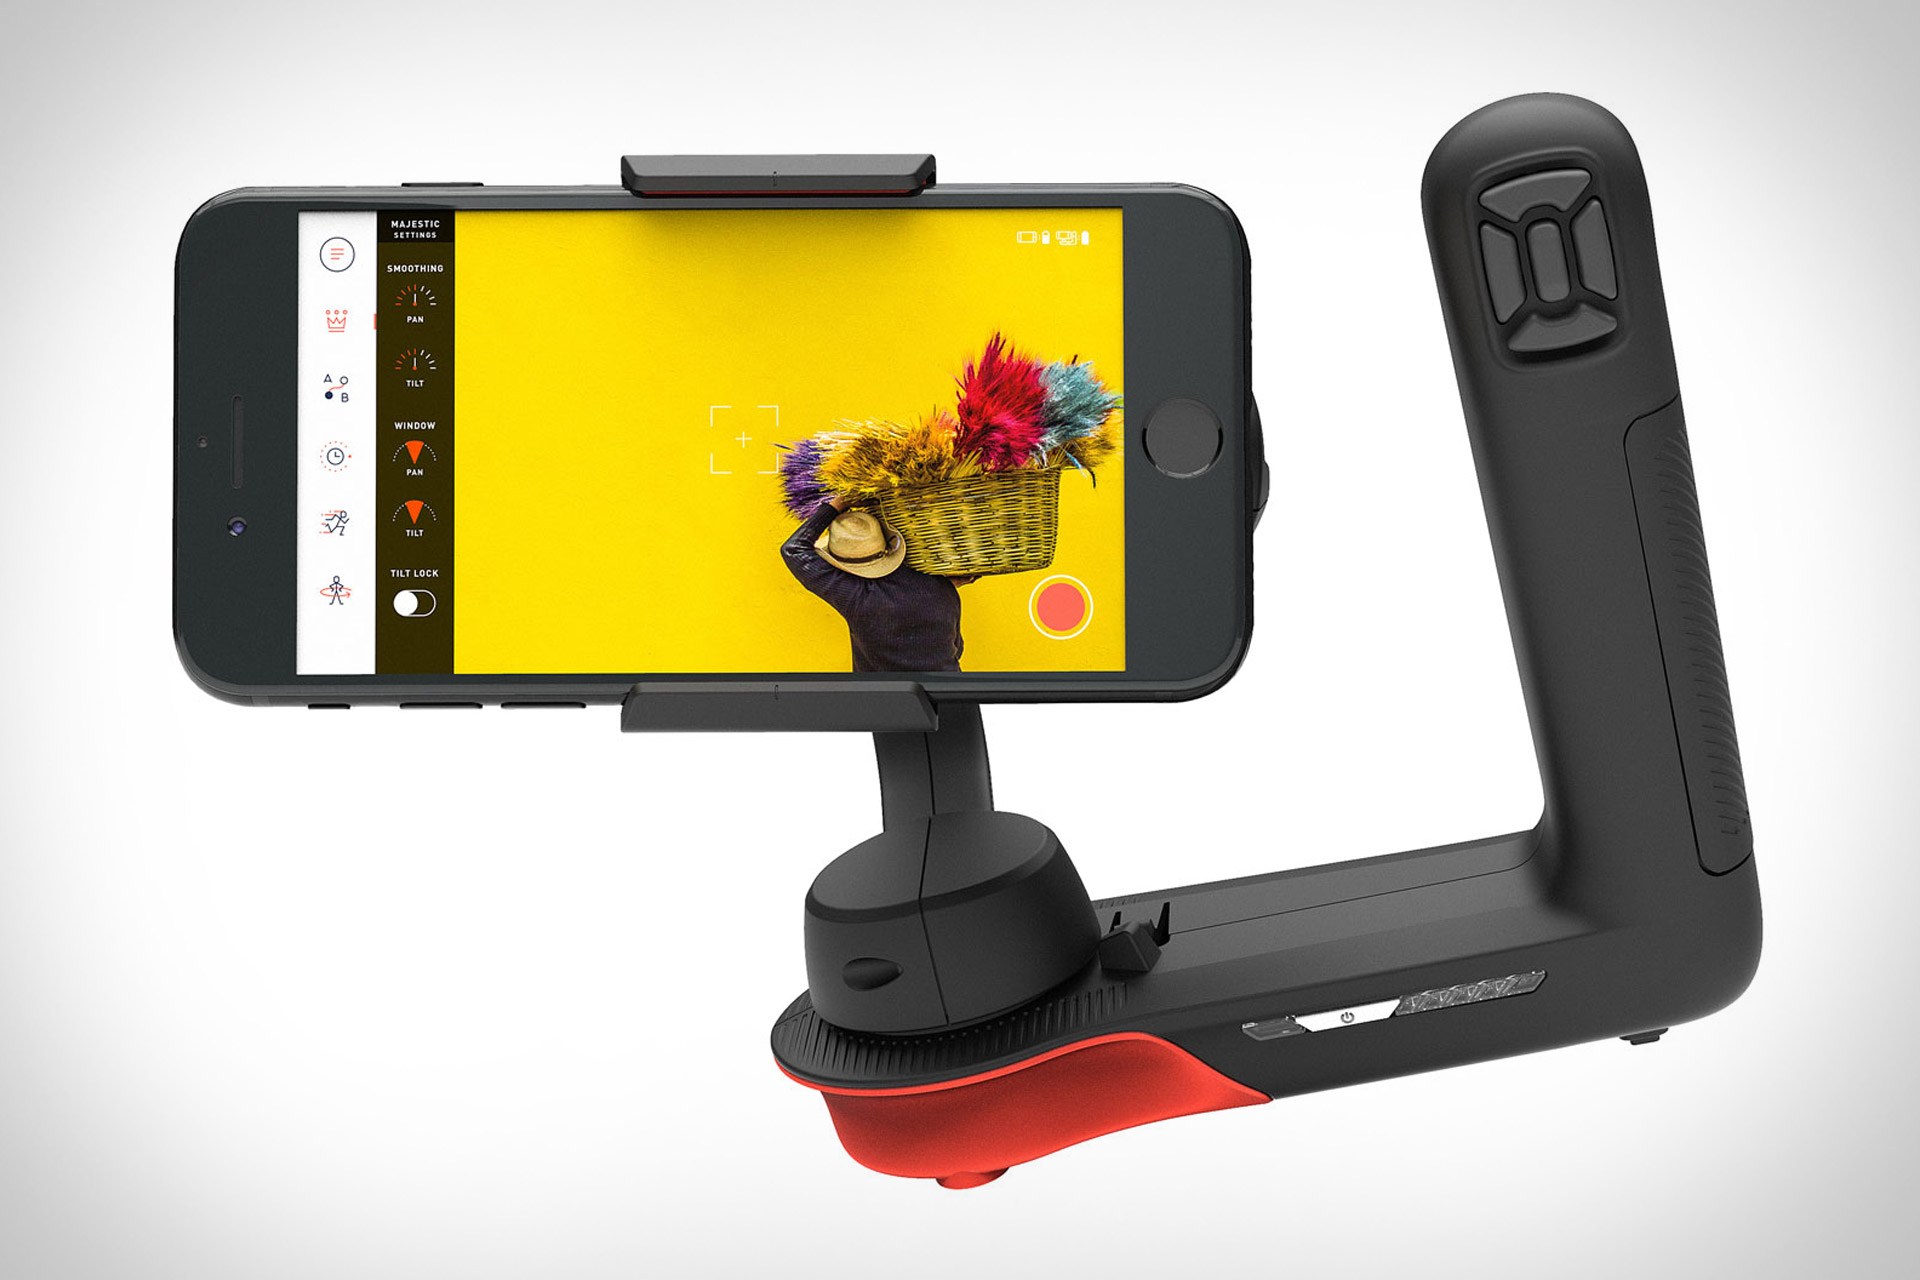 Movi Smartphone Cinema Robot